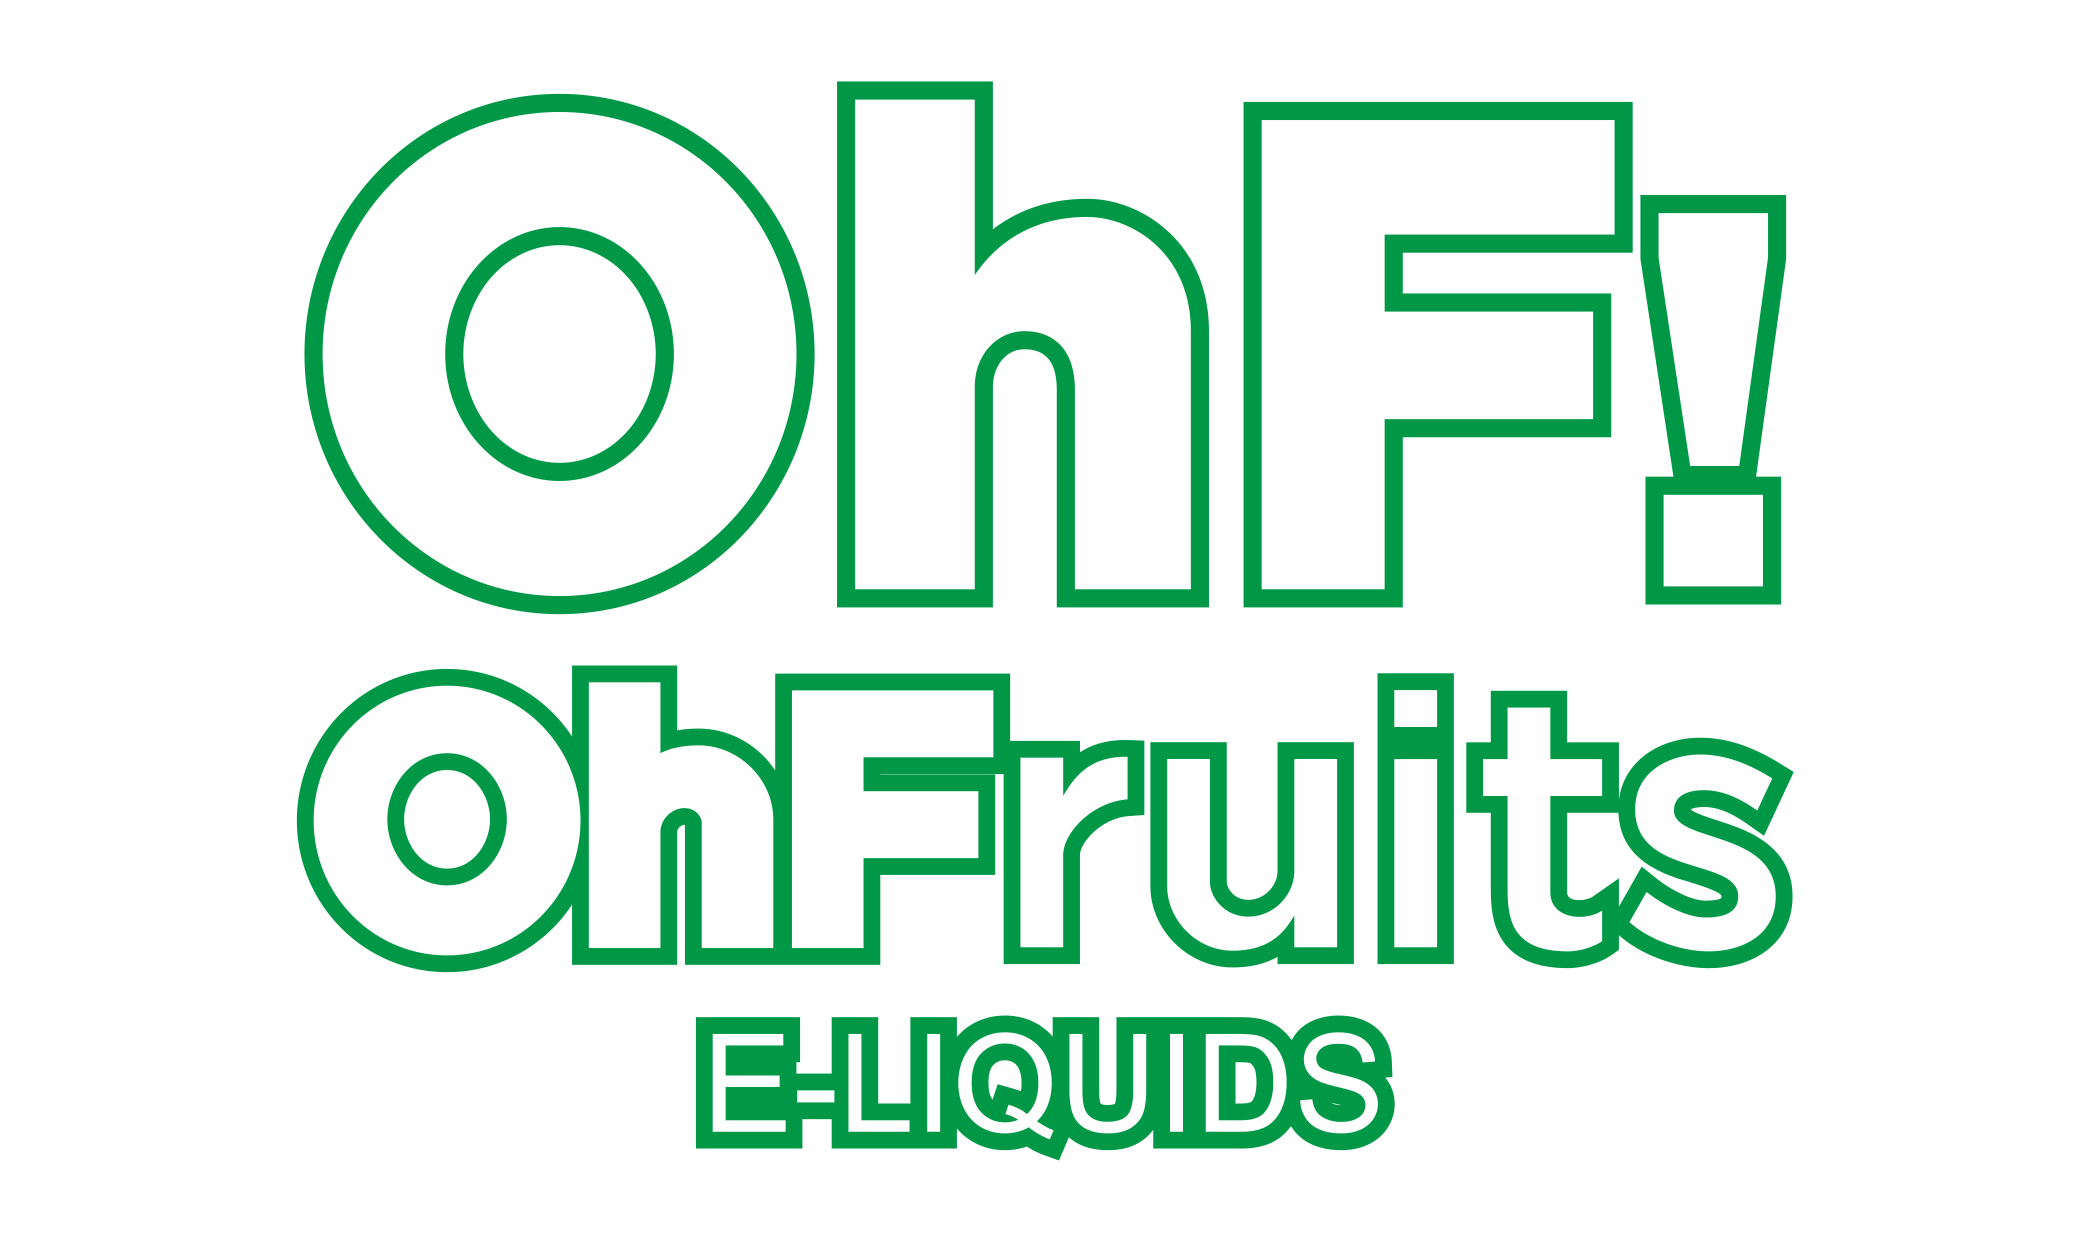 OhF! Fruits E-Liquids